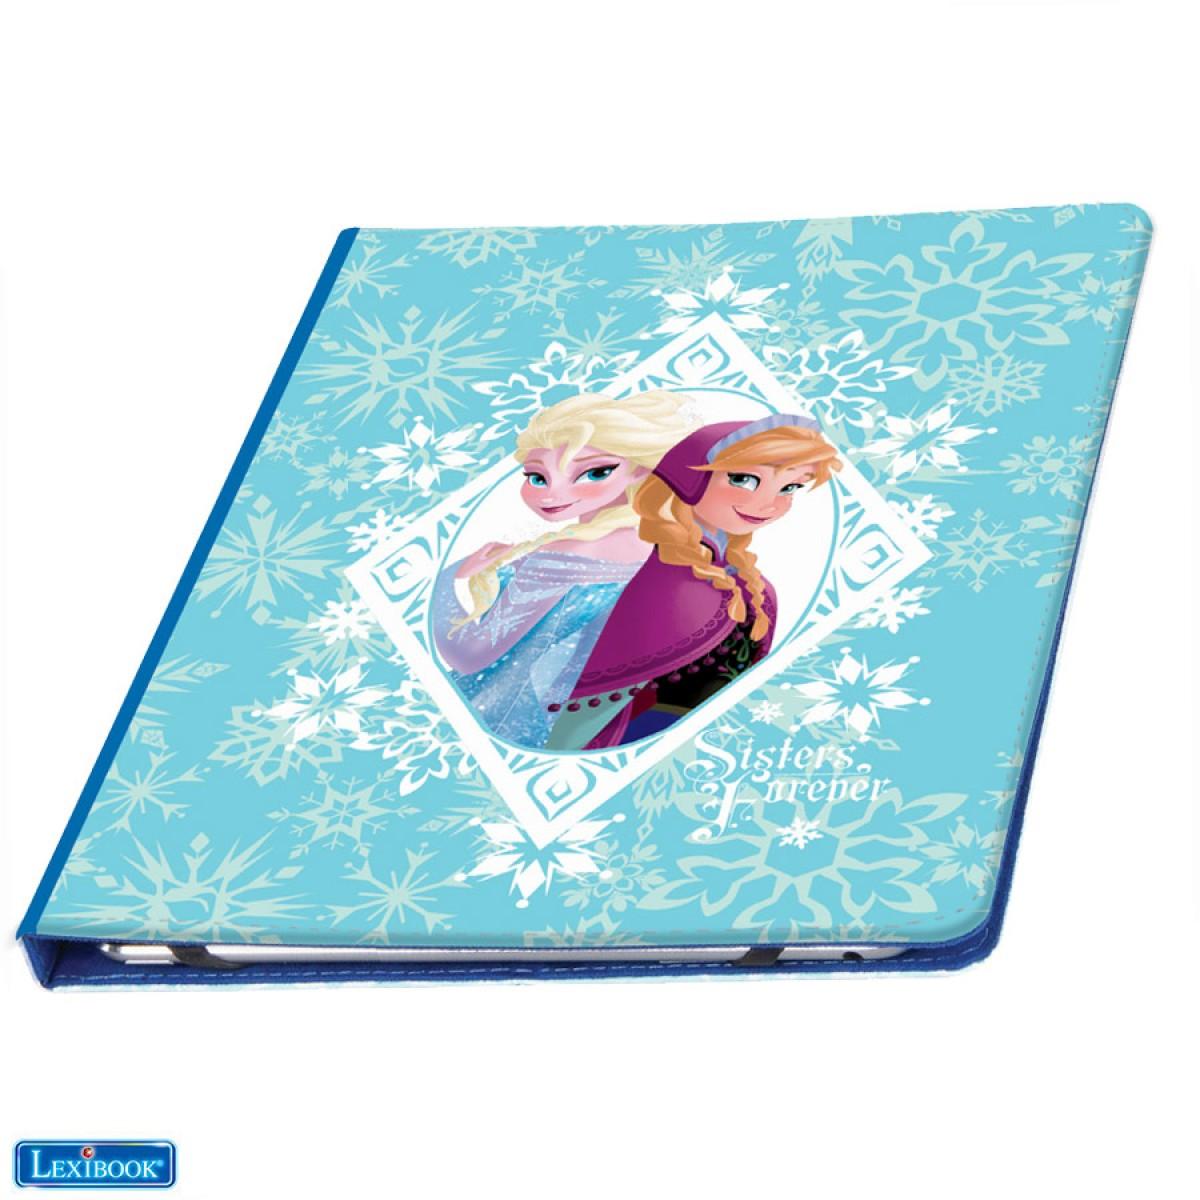 MFP100FZ - Etui Tablette 7-10 pouces Disney La Reine des Neiges - Lexibook